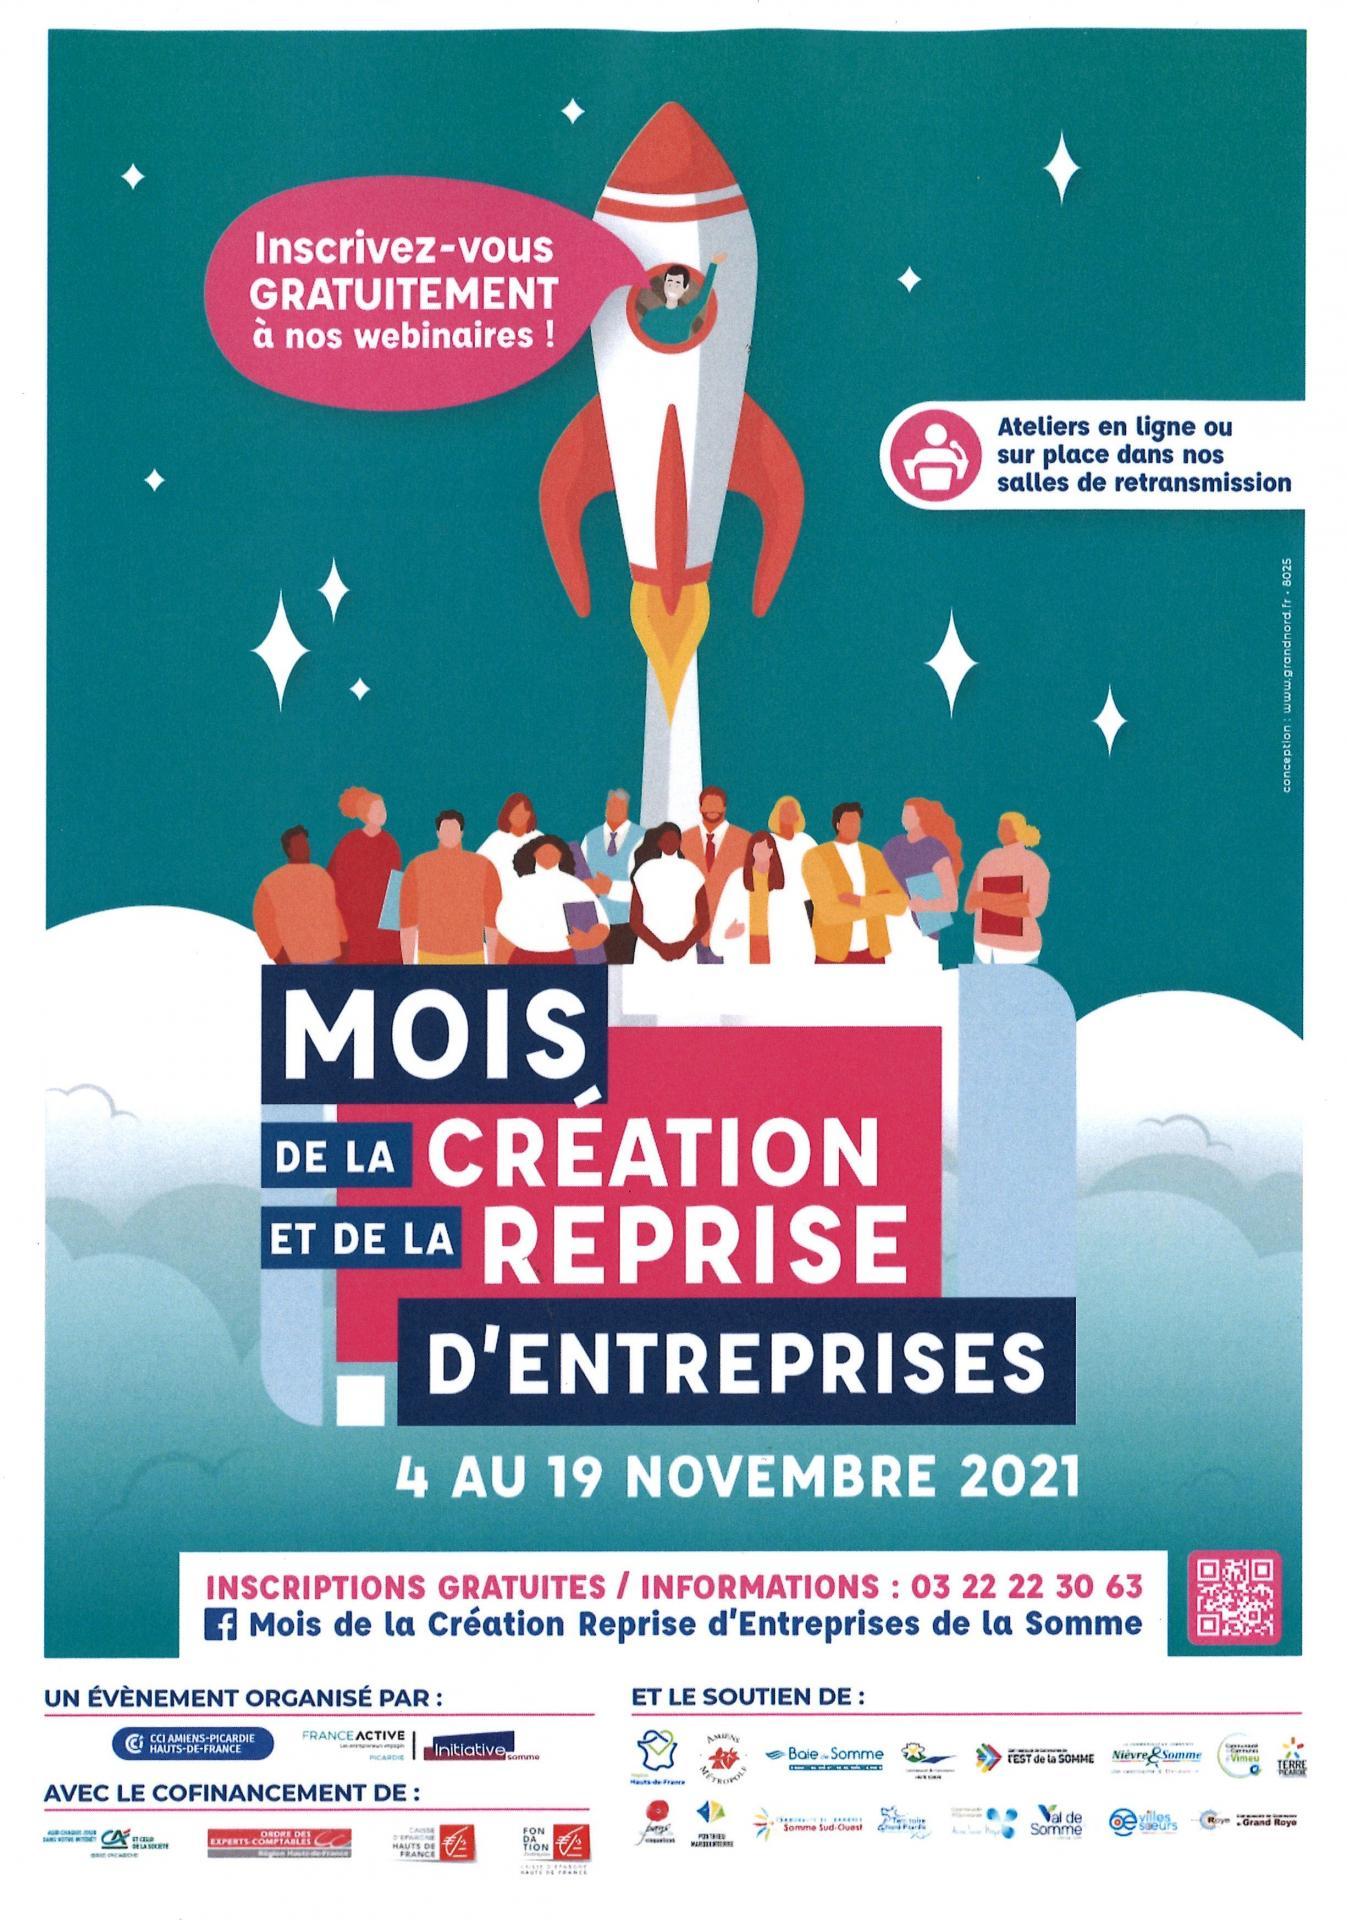 Mois de la création d'entreprises 4 au 19 novembre 2021